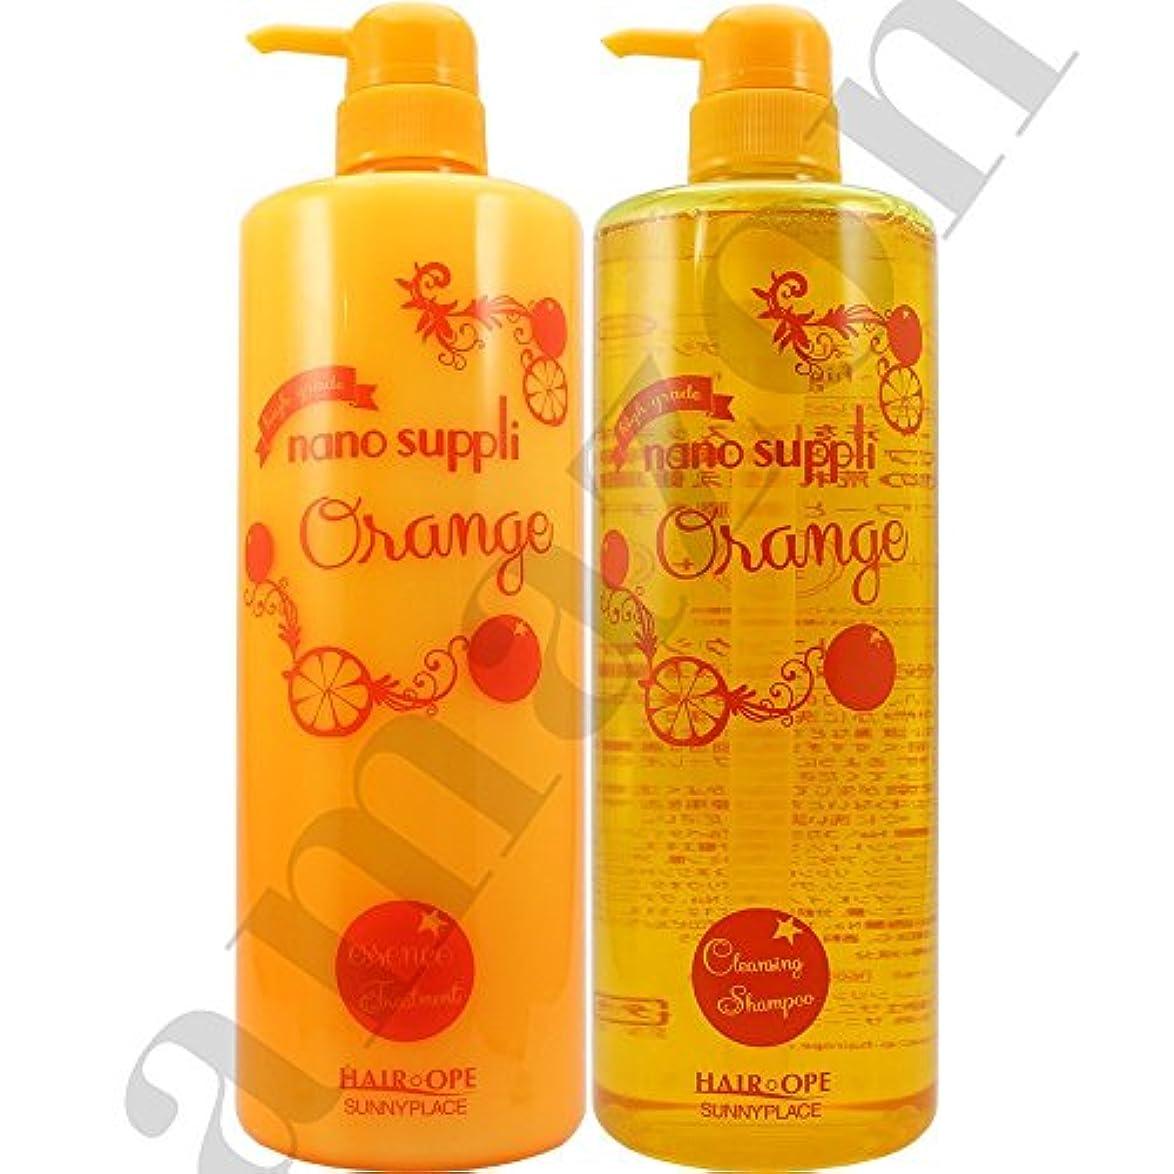 白い霧深いパテサニープレイス ナノサプリ クレンジングシャンプー&コンディショナー オレンジ 1000mlボトルセット